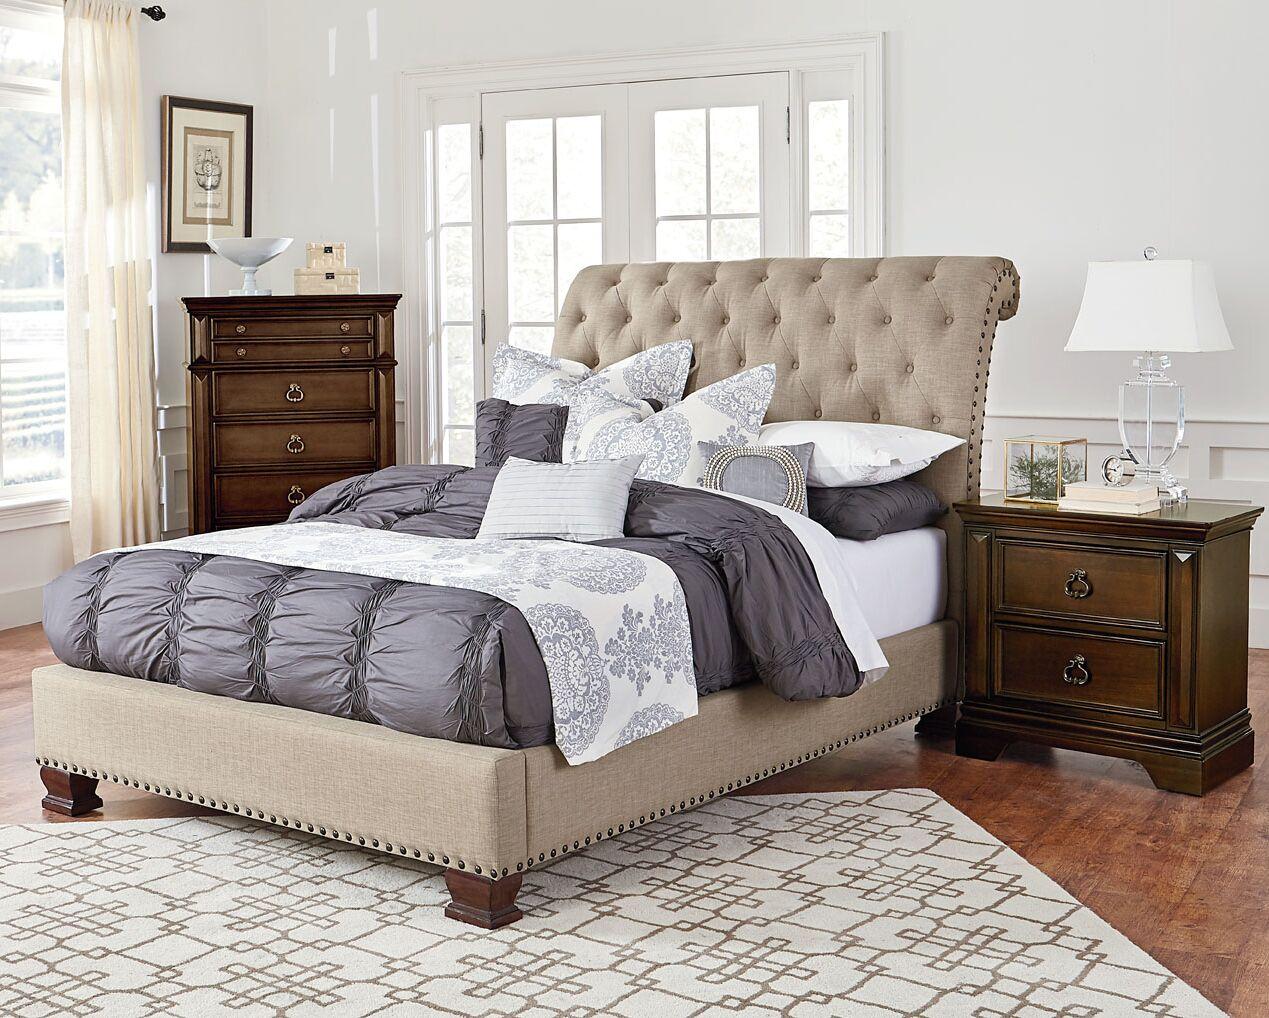 Parthena Upholstered Platform Bed